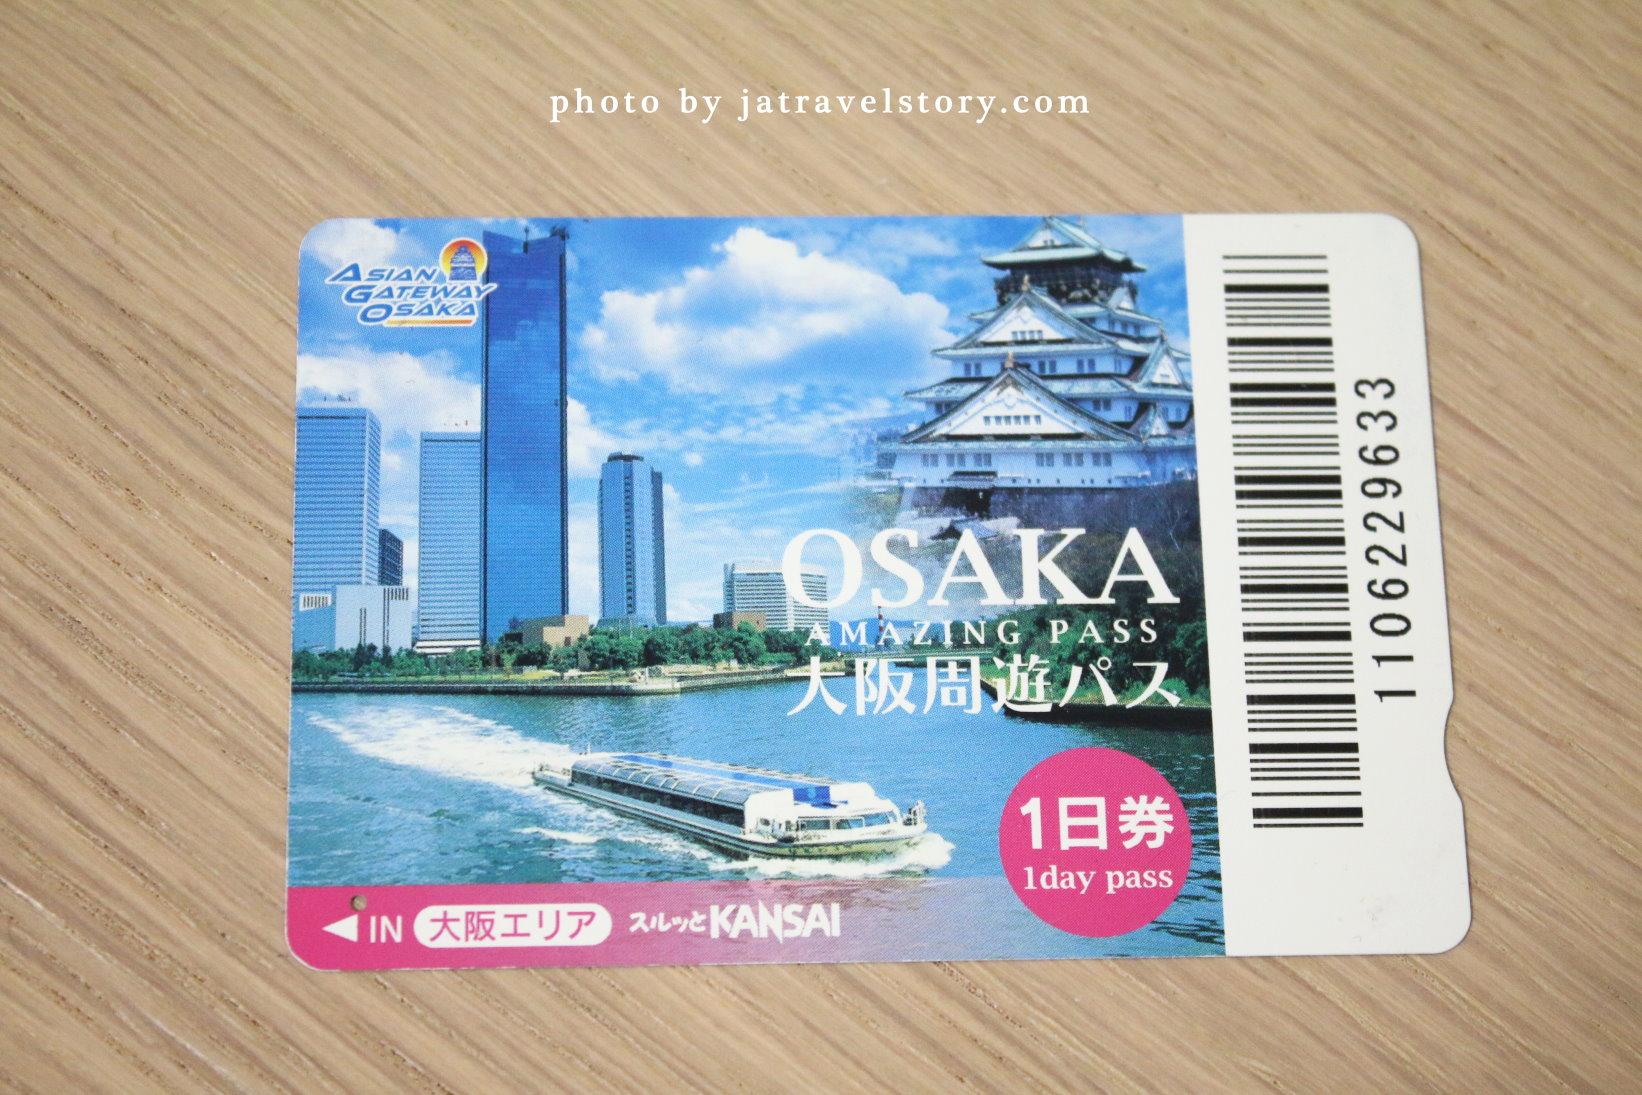 【日本關西自由行】8天7夜京都、大阪、奈良自由行。行程規劃/熱門景點/預算規劃 @J&A的旅行